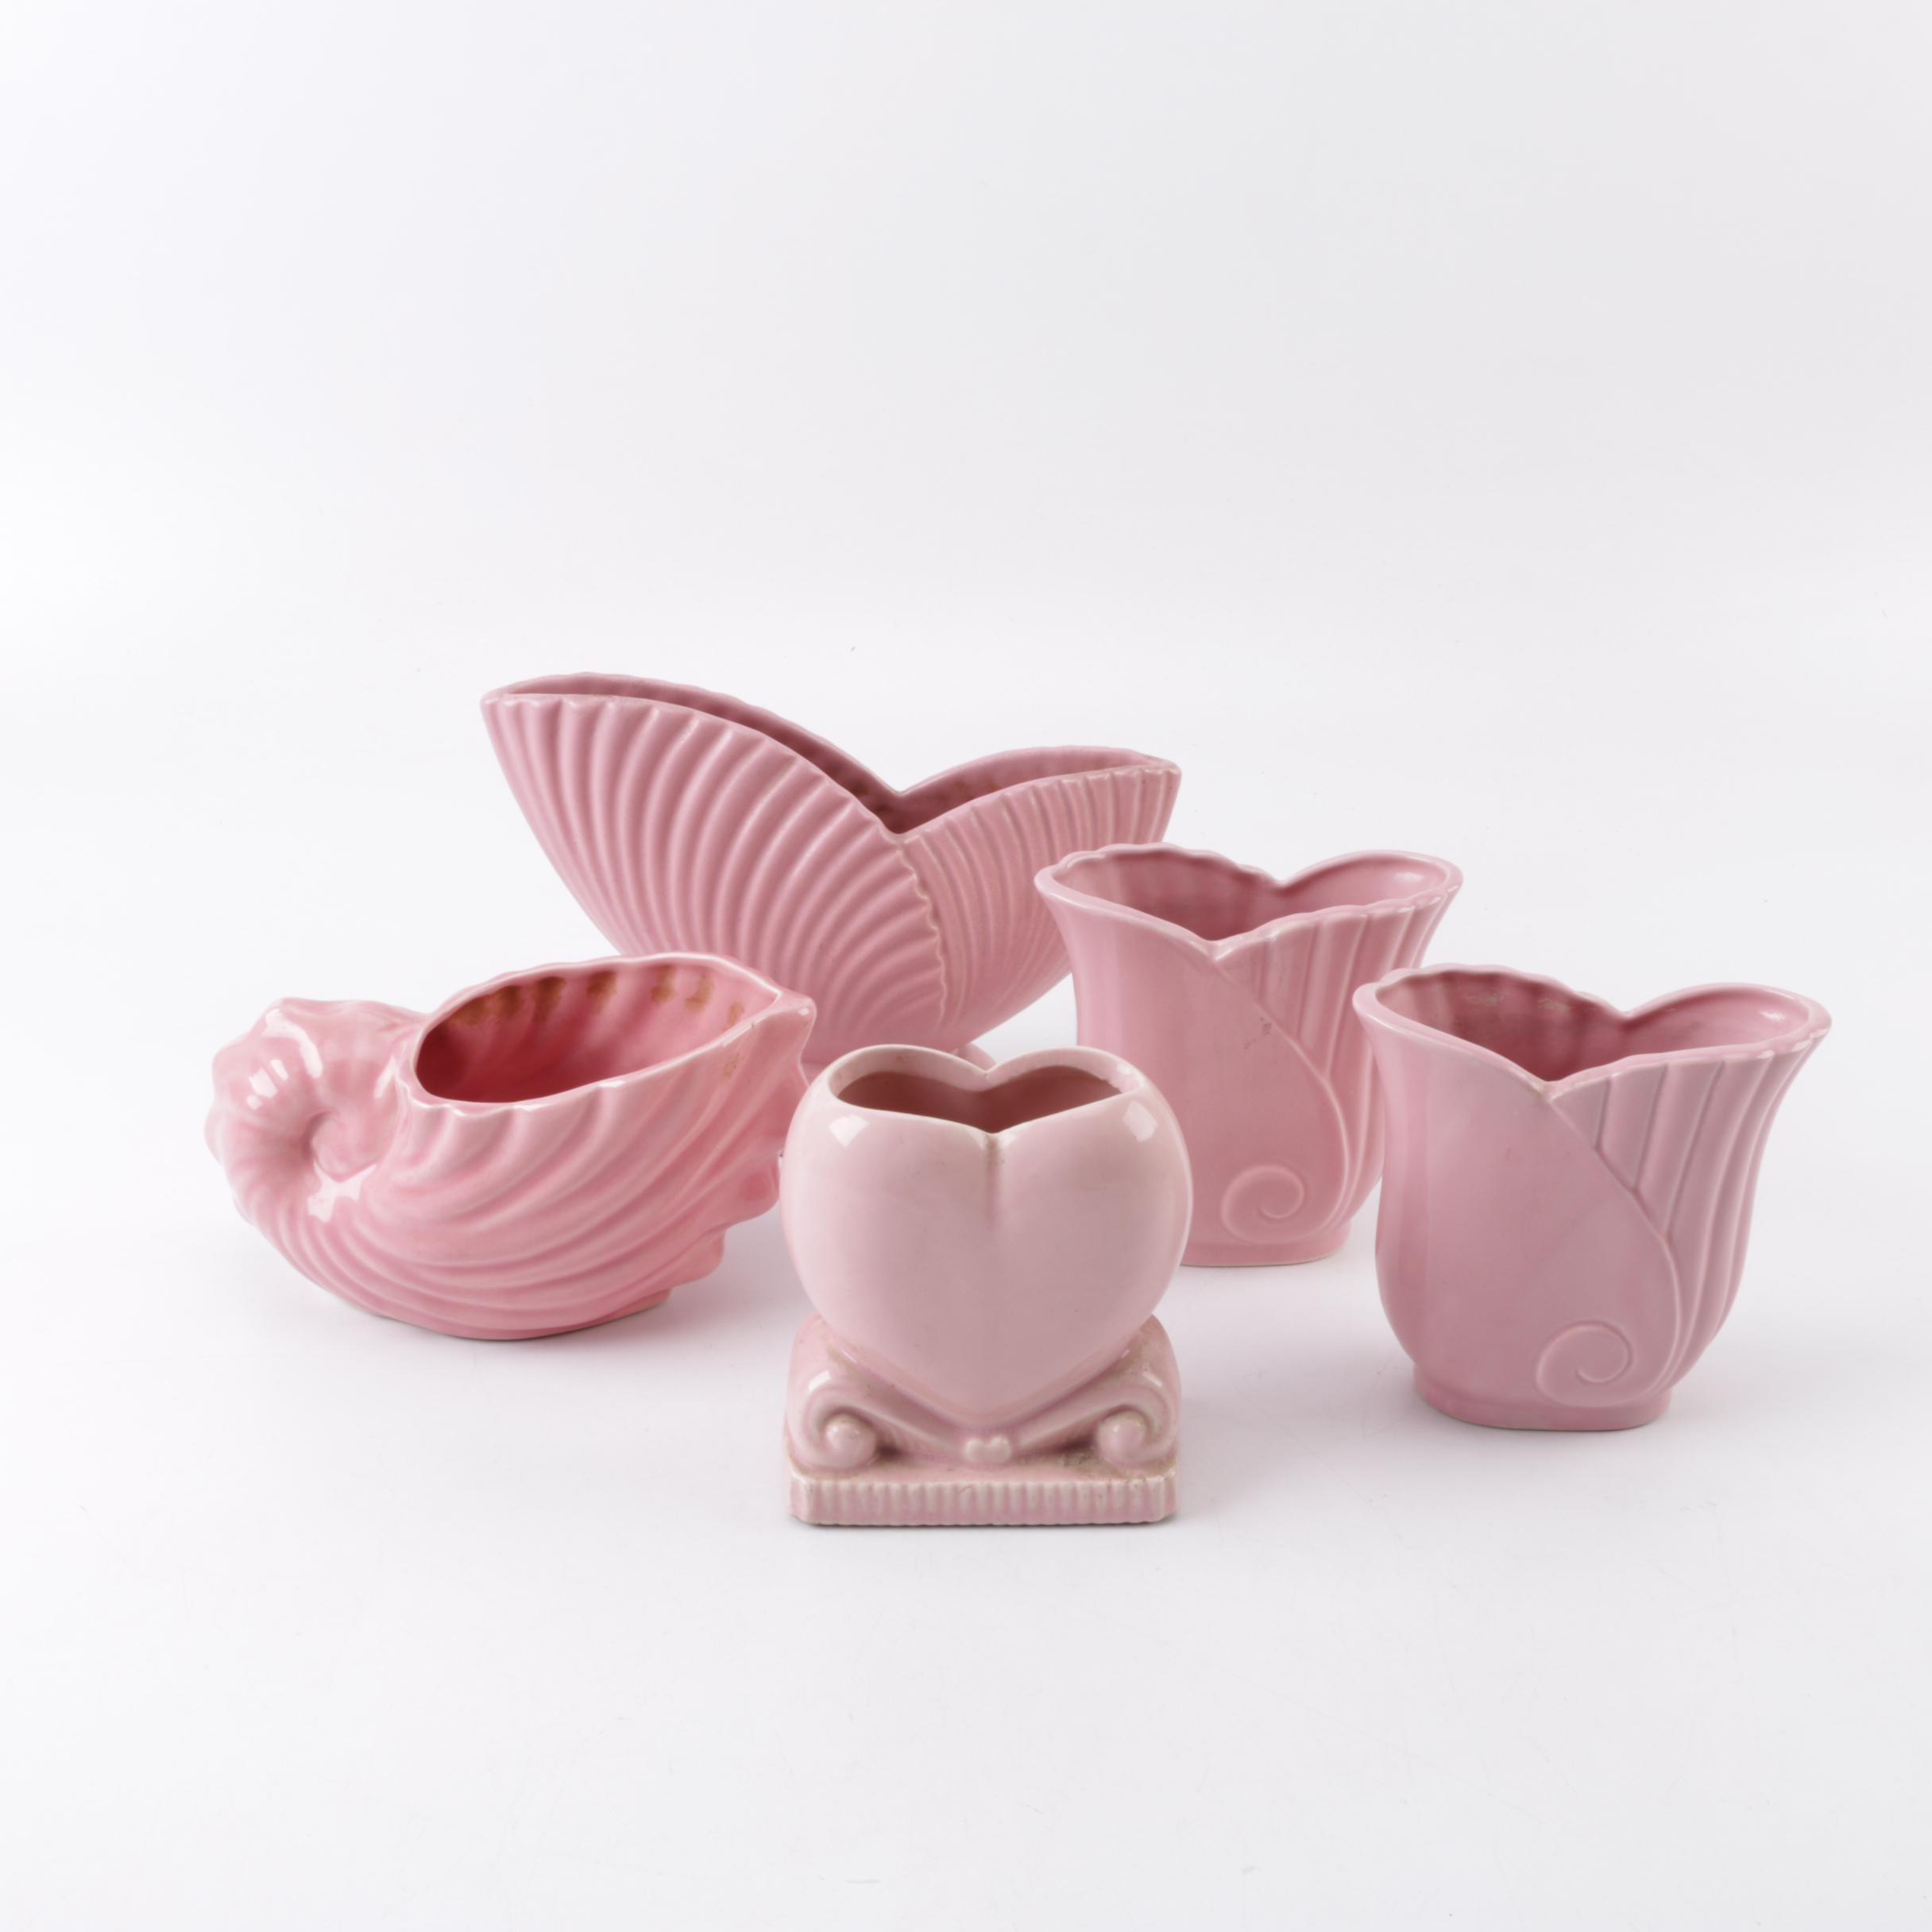 Vintage Pink Ceramic Vase and Planter Assortment